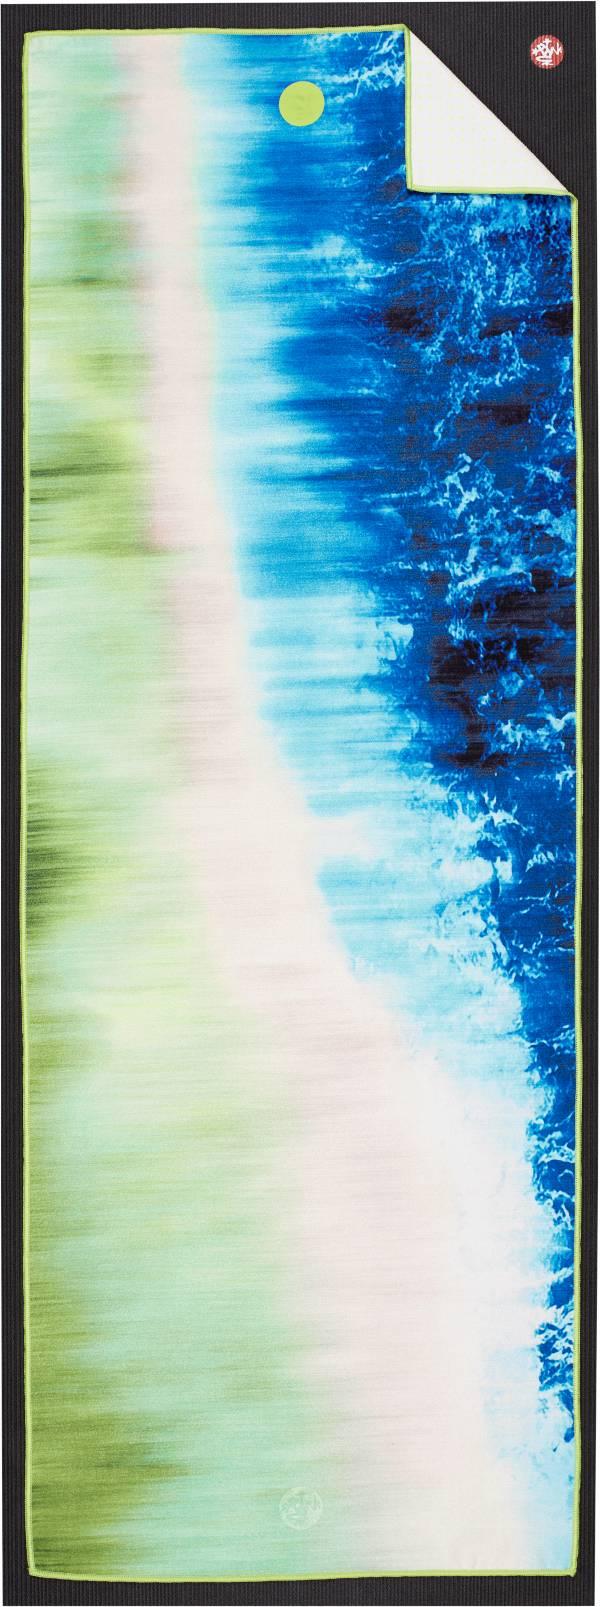 Manduka Yogitoes Yoga Mat Towel product image